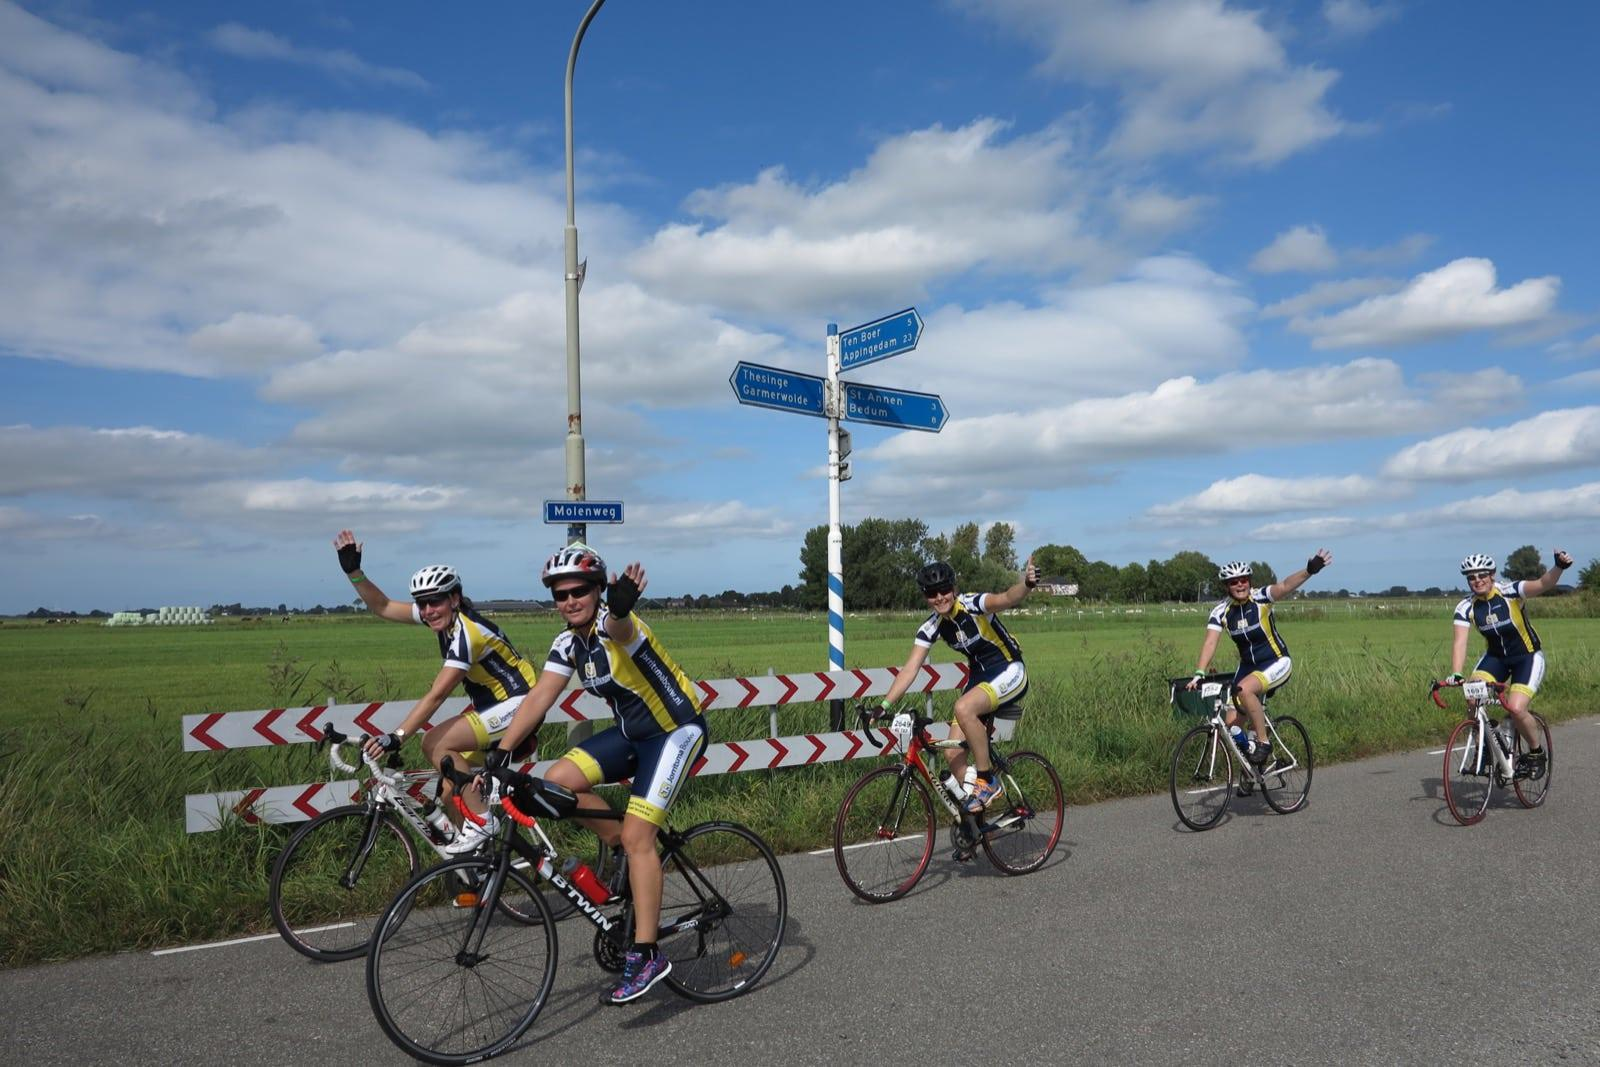 et-fiets-en-fietser-80-zondagse-tour-komt-door-thesinge-oi.jpg